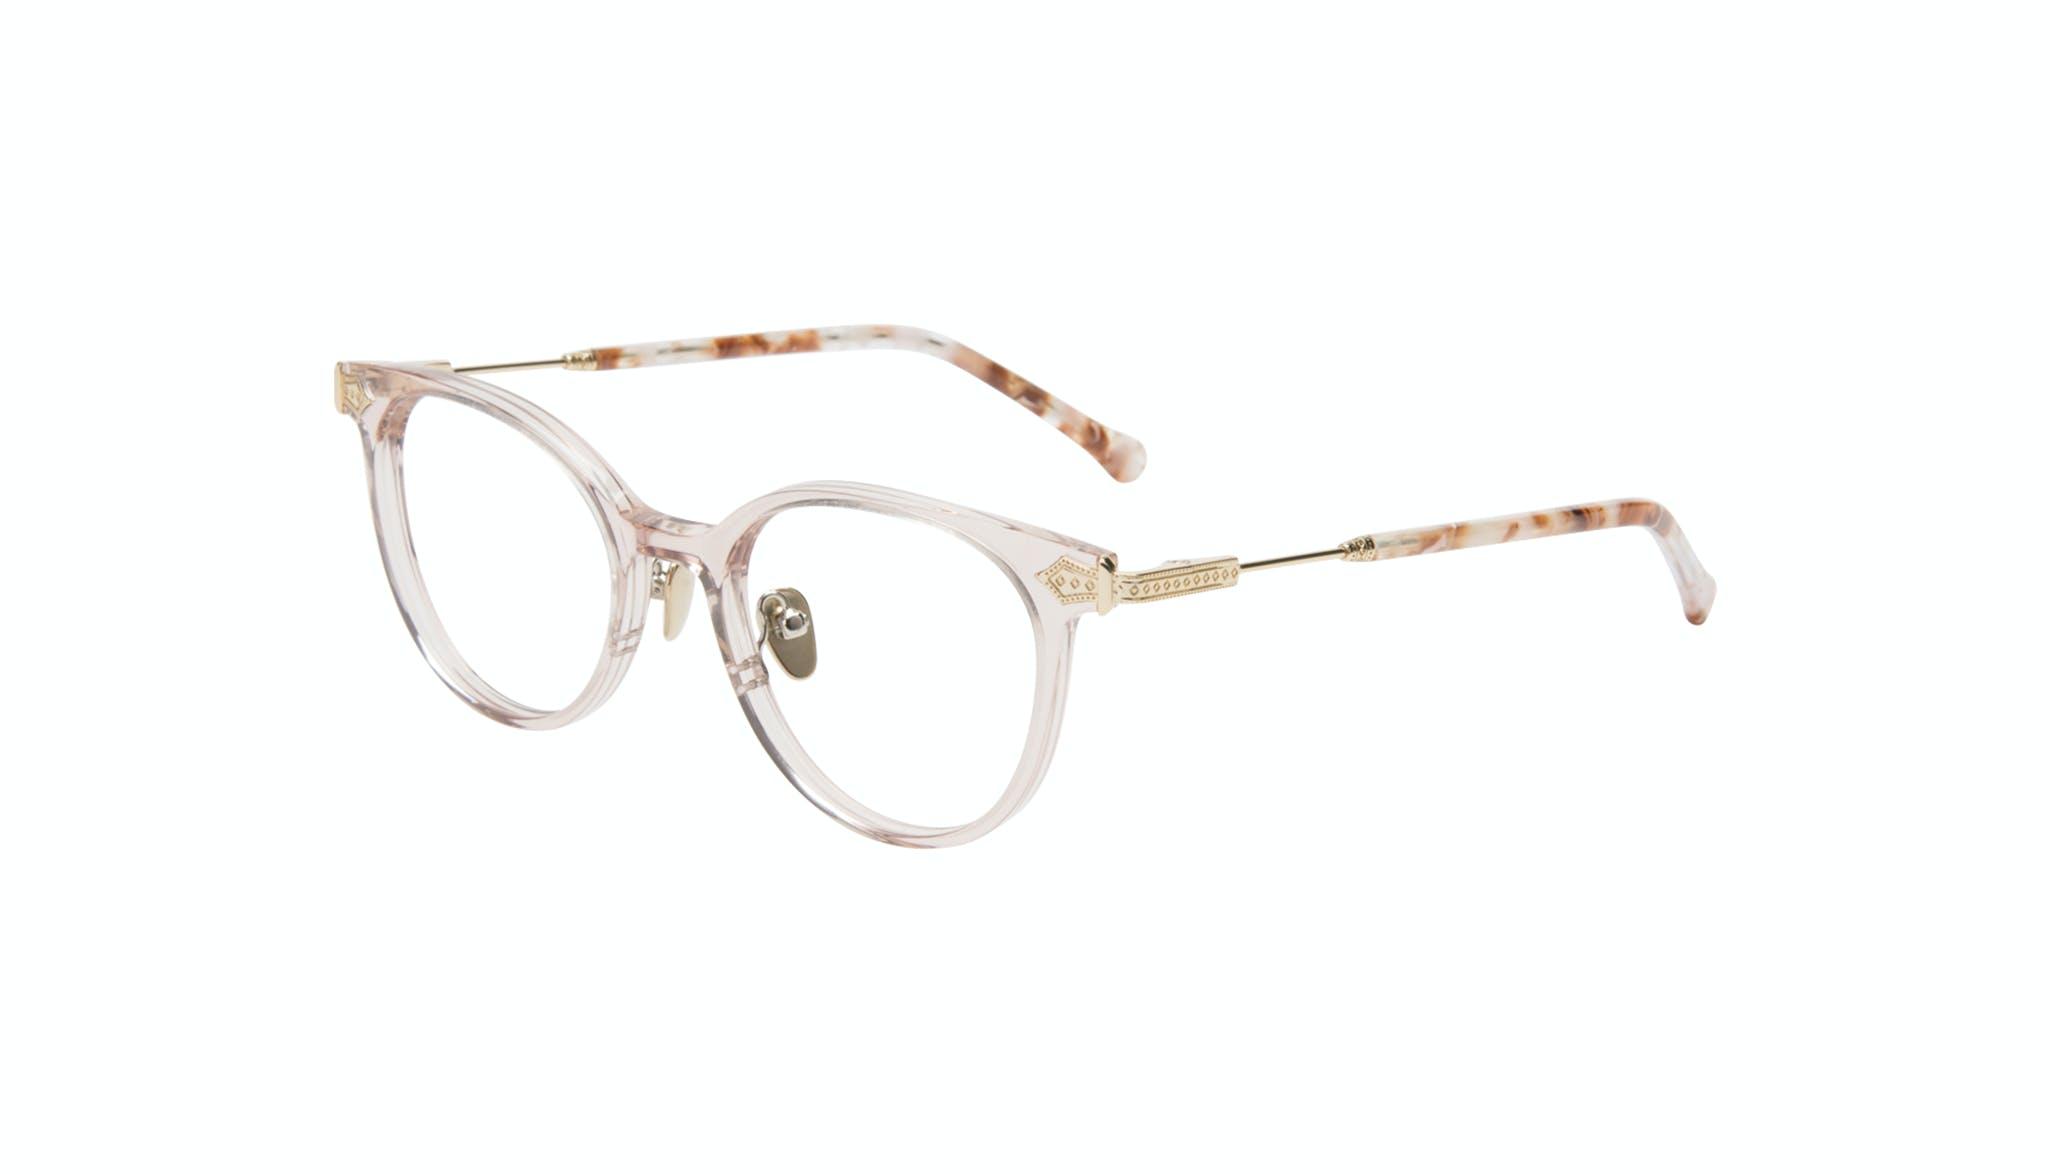 Affordable Fashion Glasses Round Eyeglasses Women Gem Pink Quartz Tilt